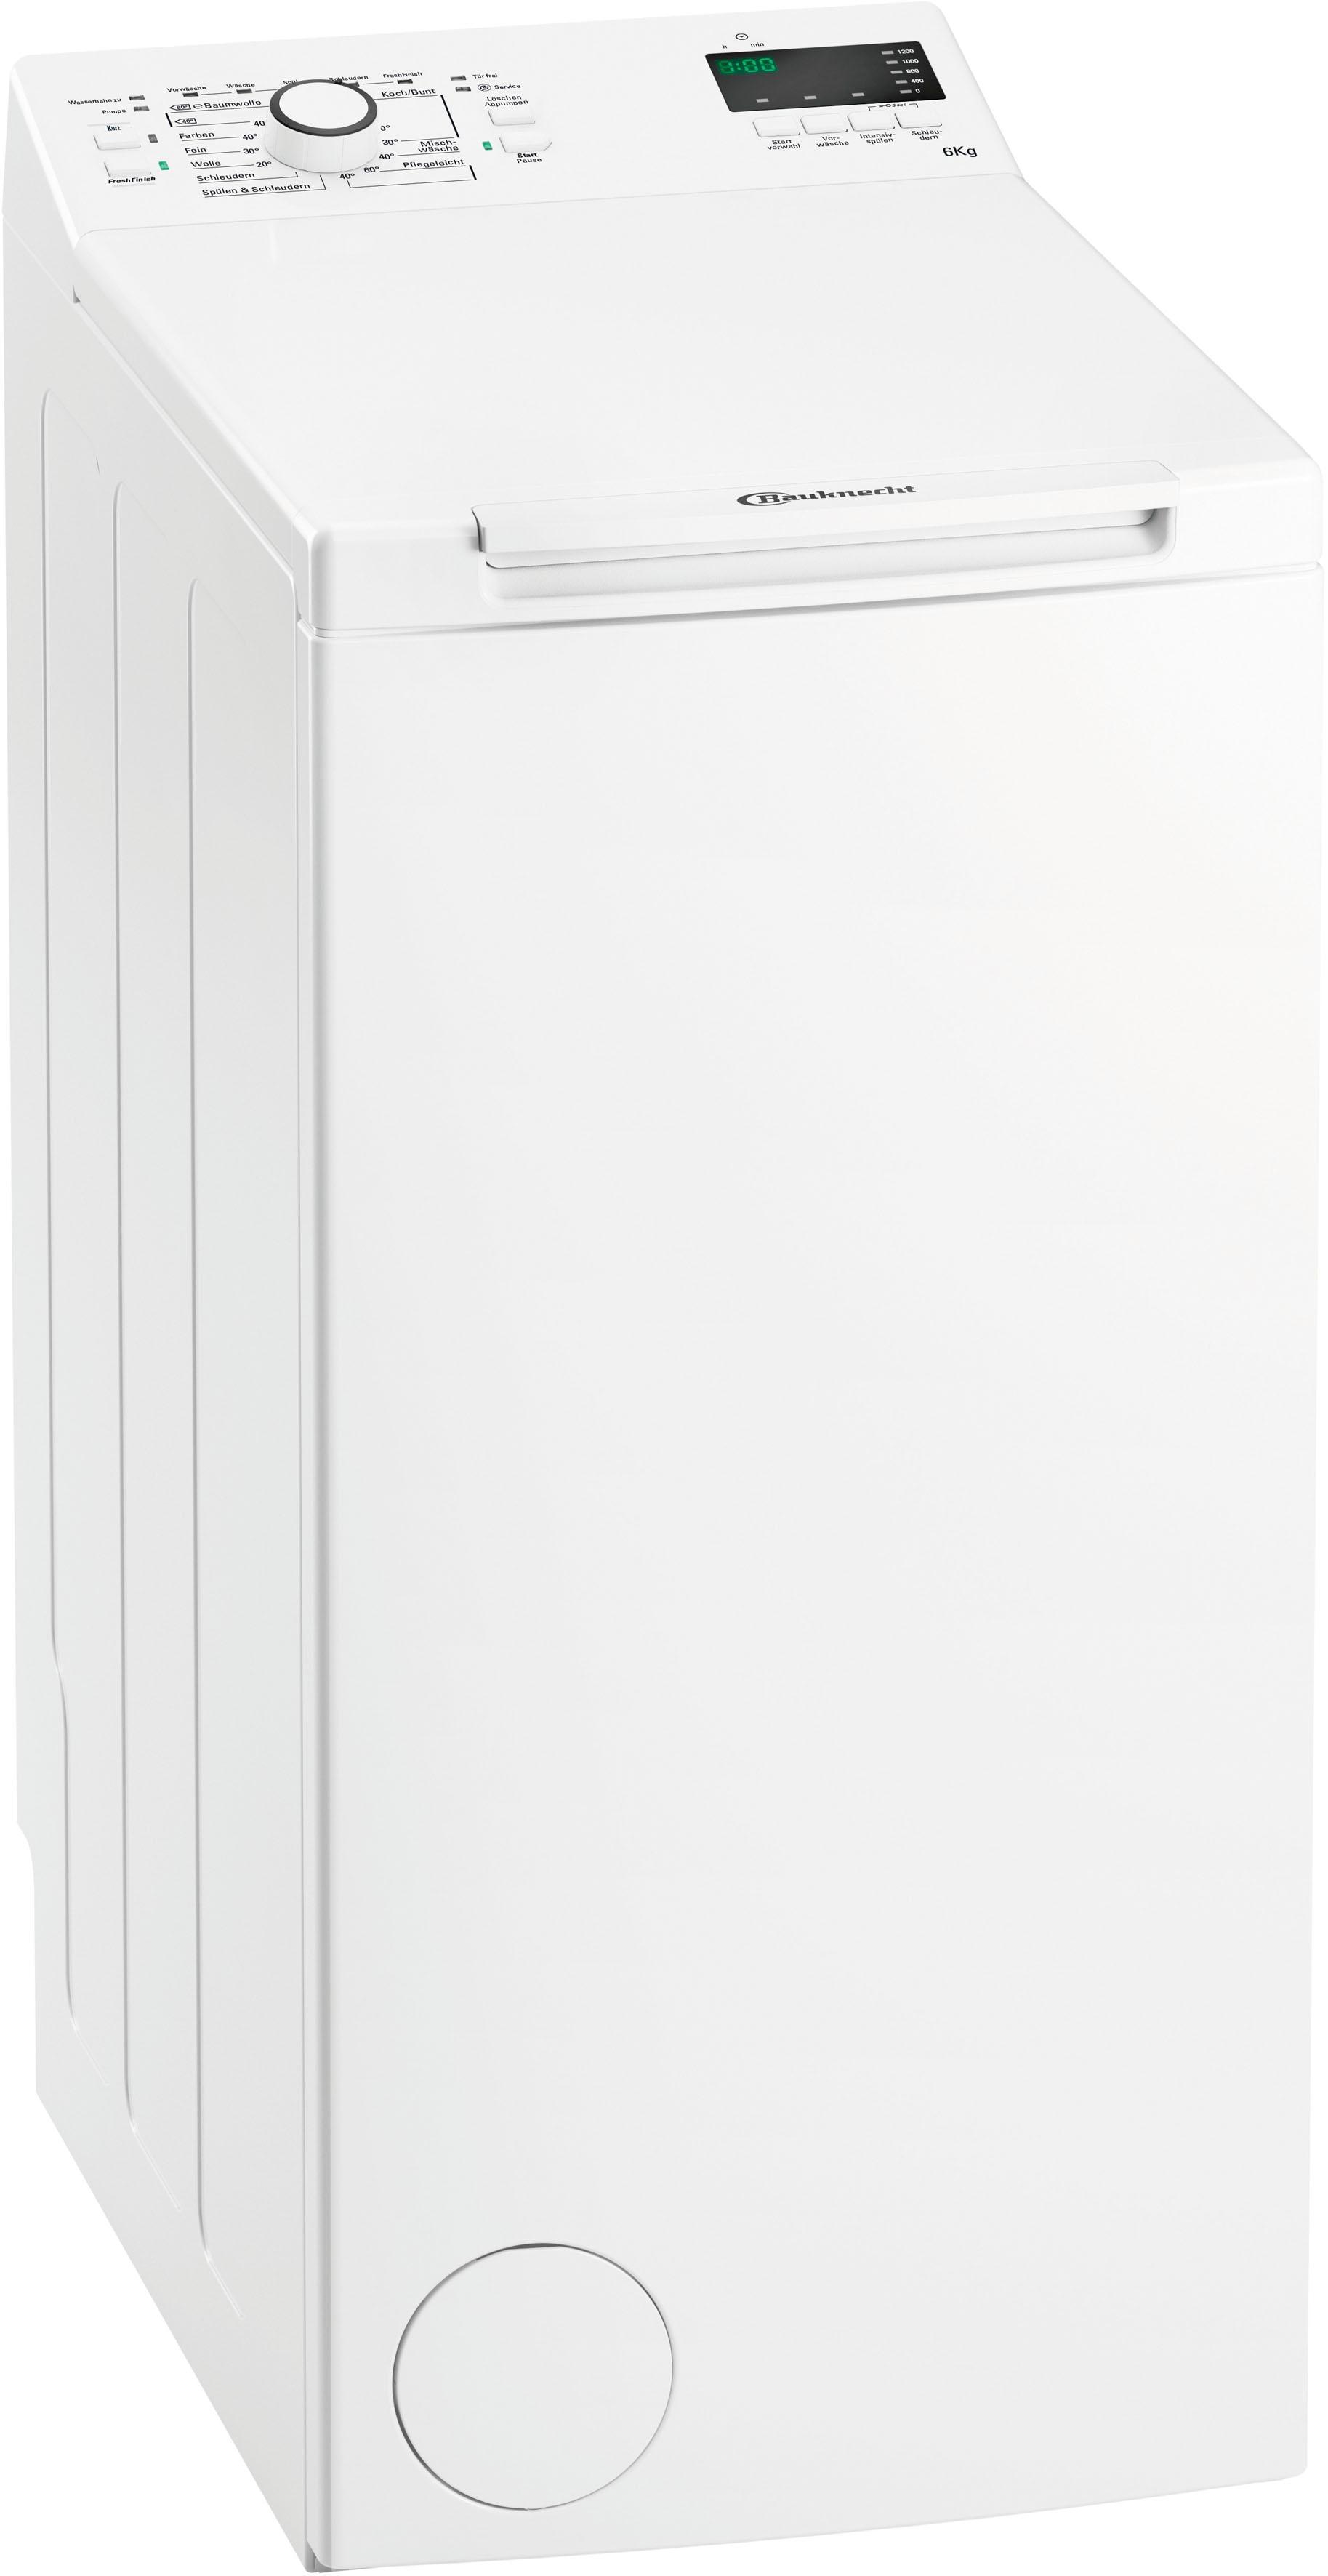 BAUKNECHT Waschmaschine Toplader WAT Prime 652 Di | Bad > Waschmaschinen und Trockner > Toplader | Bauknecht